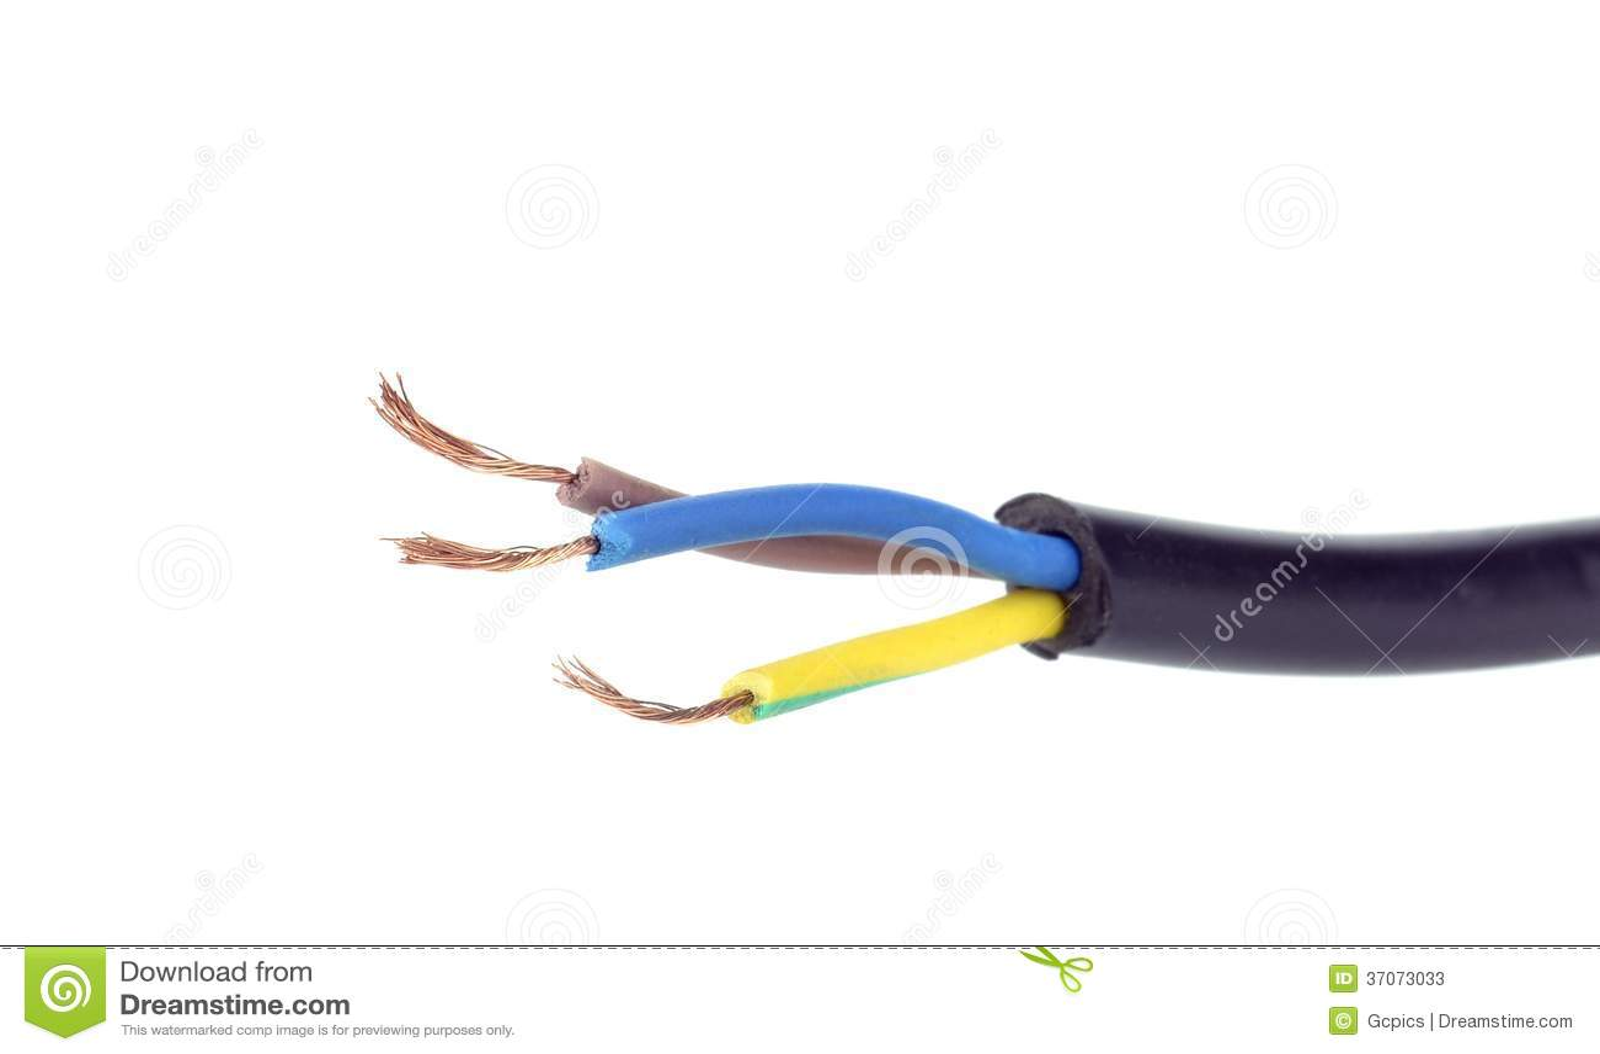 Exceptional Elektrisches Kabel Drähte Stockbild. Bild Von Getrennt   37073033